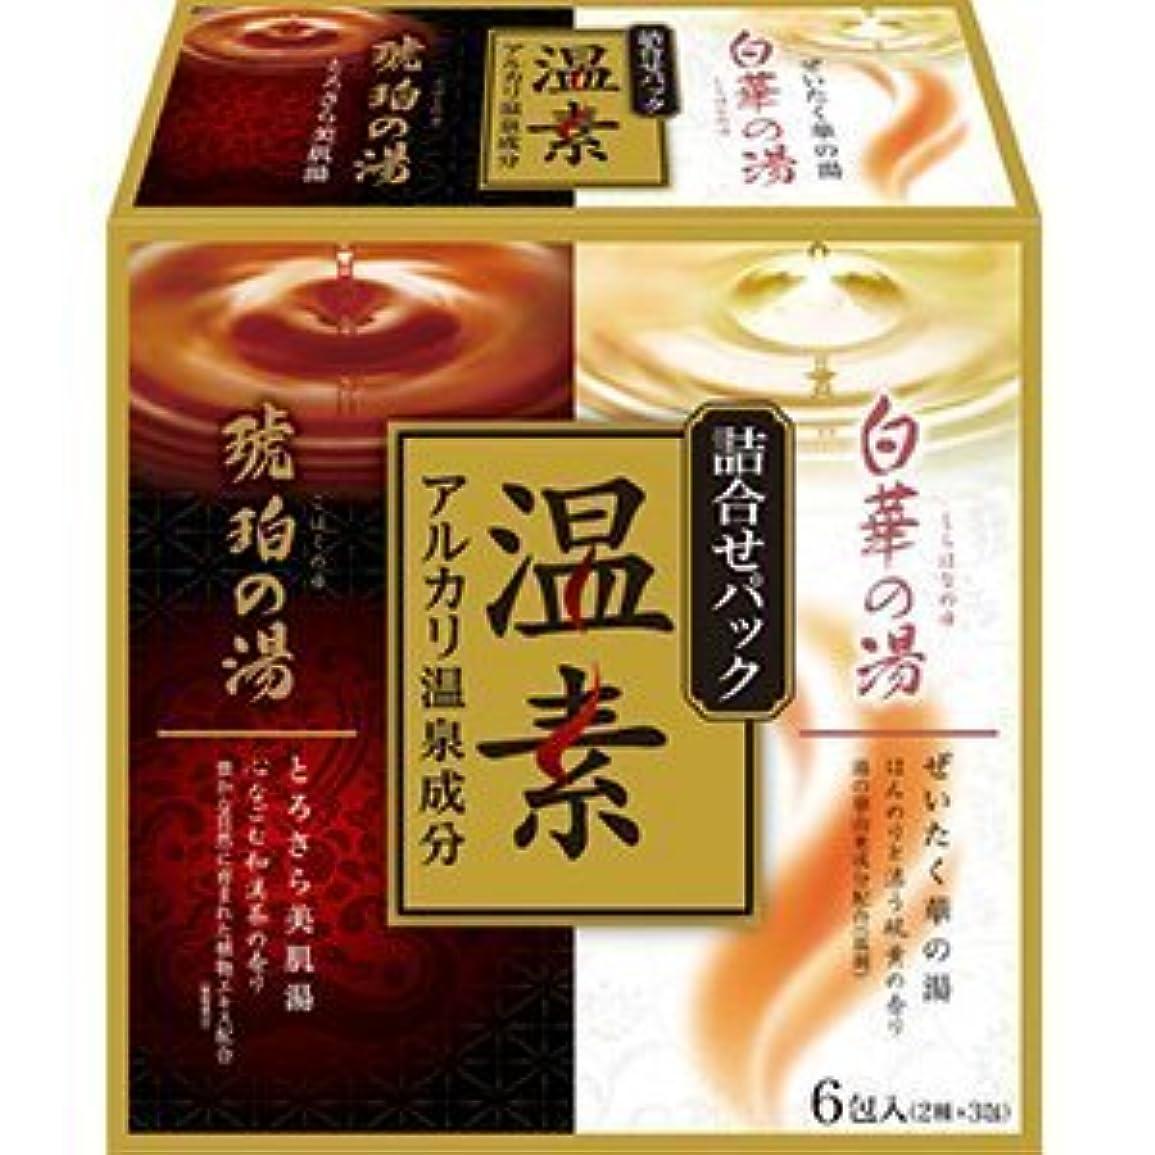 傾いた省略する掘る温素 琥珀の湯&白華の湯 詰合せパック × 3個セット